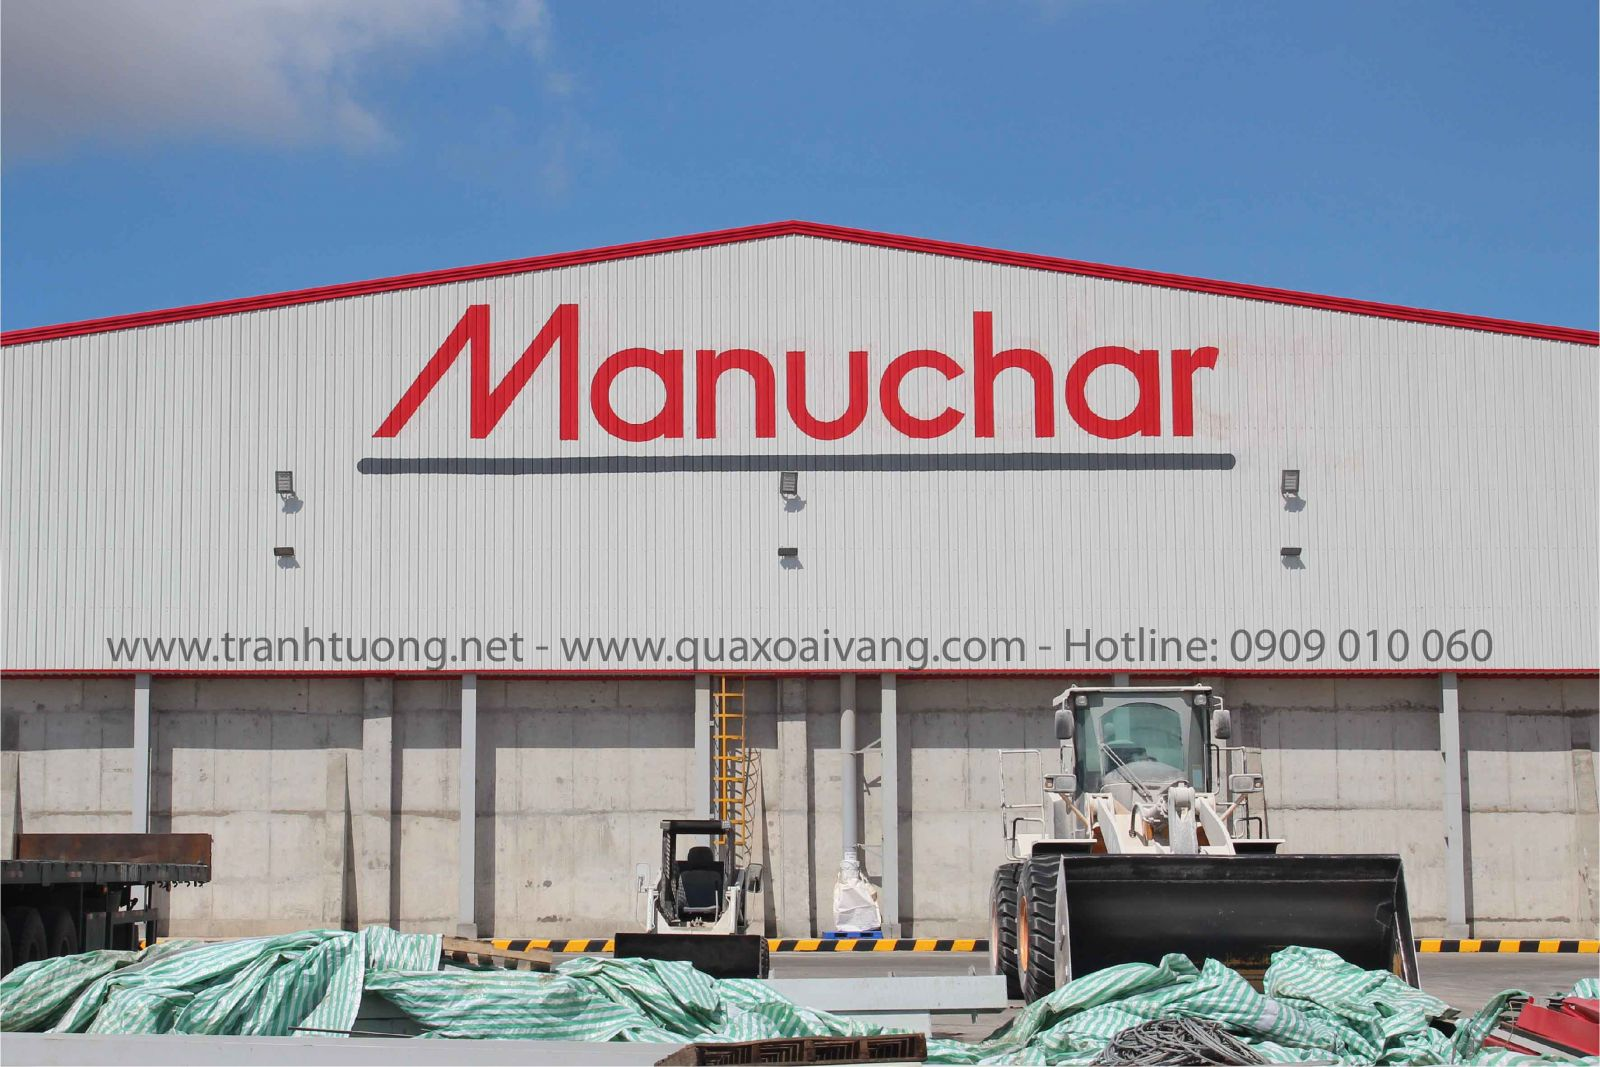 Vẽ logo công ty Manuchar